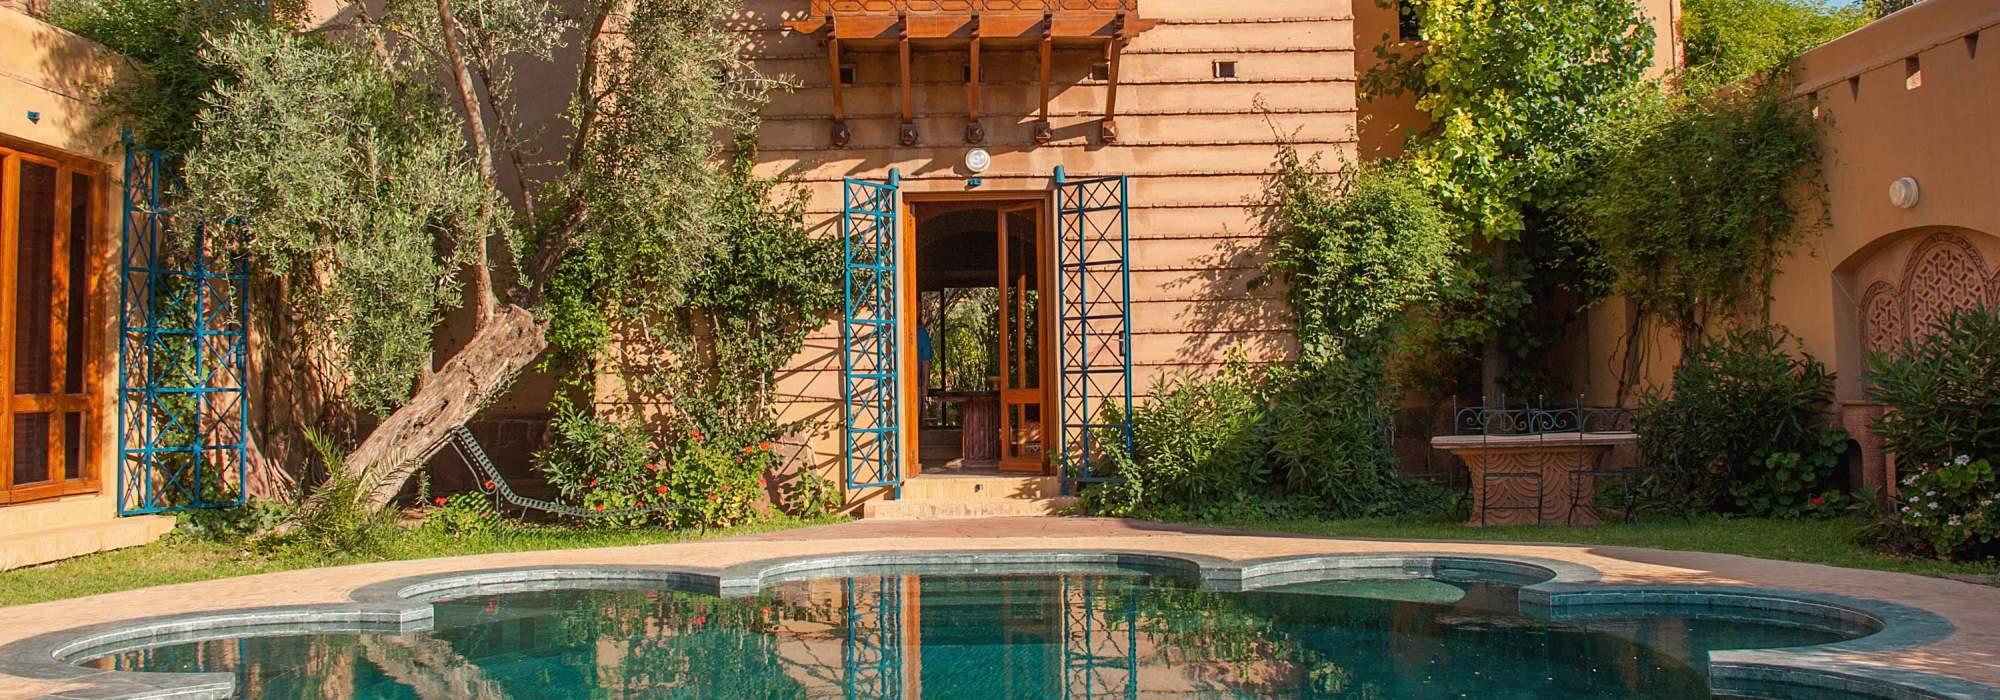 vente villa marocaine golf d'amelkis marrakech